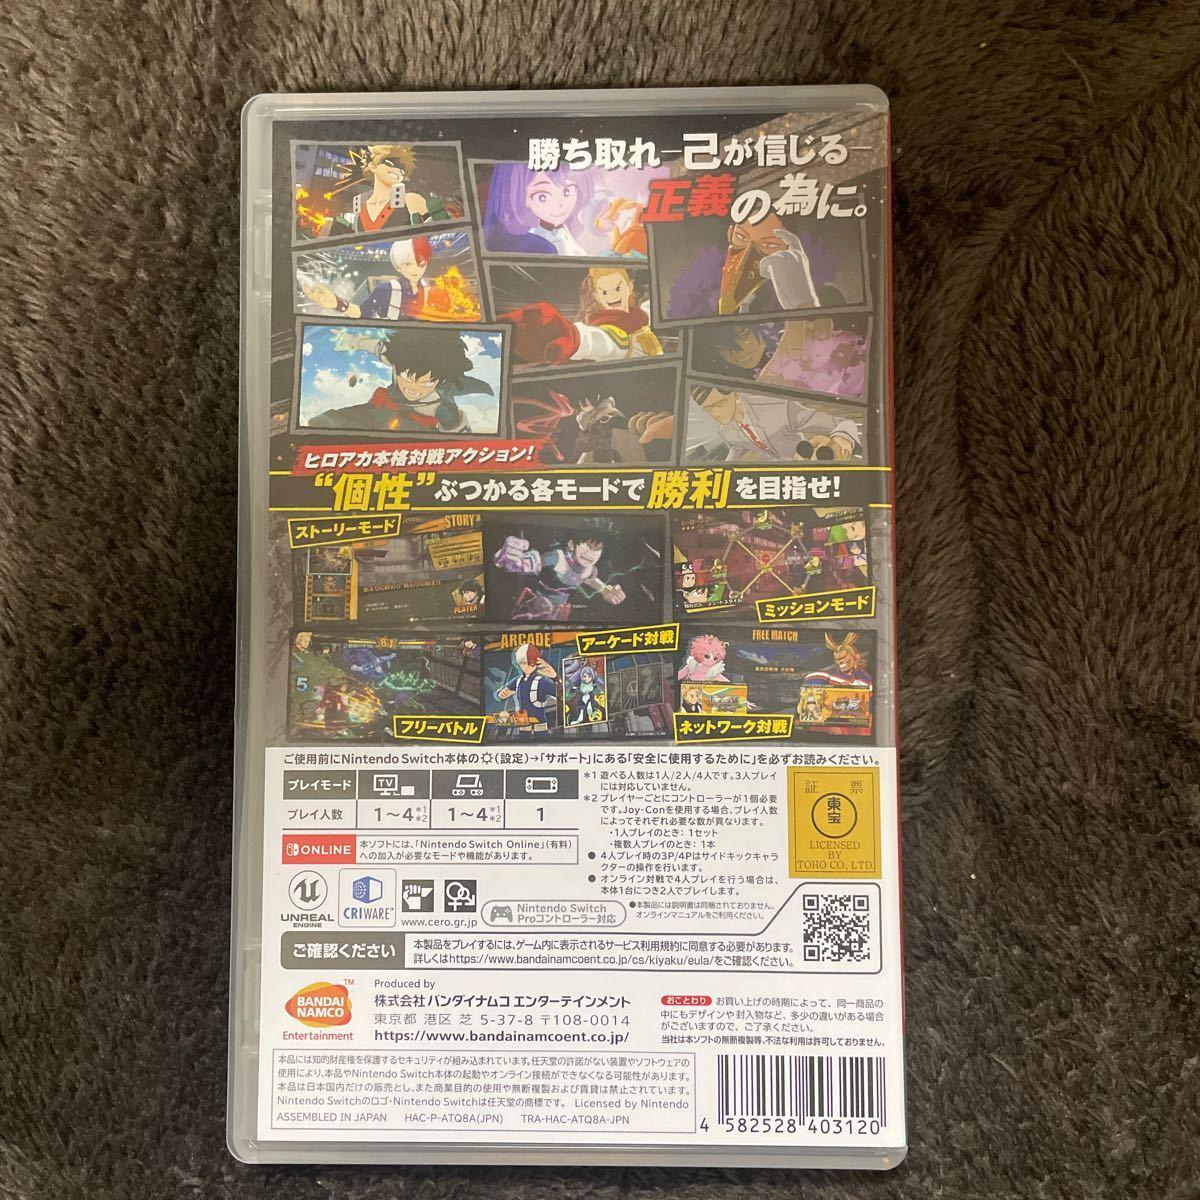 Switch Nintendo Switch ニンテンドースイッチ ワンズジャスティス 僕のヒーローアカデミア ソフト